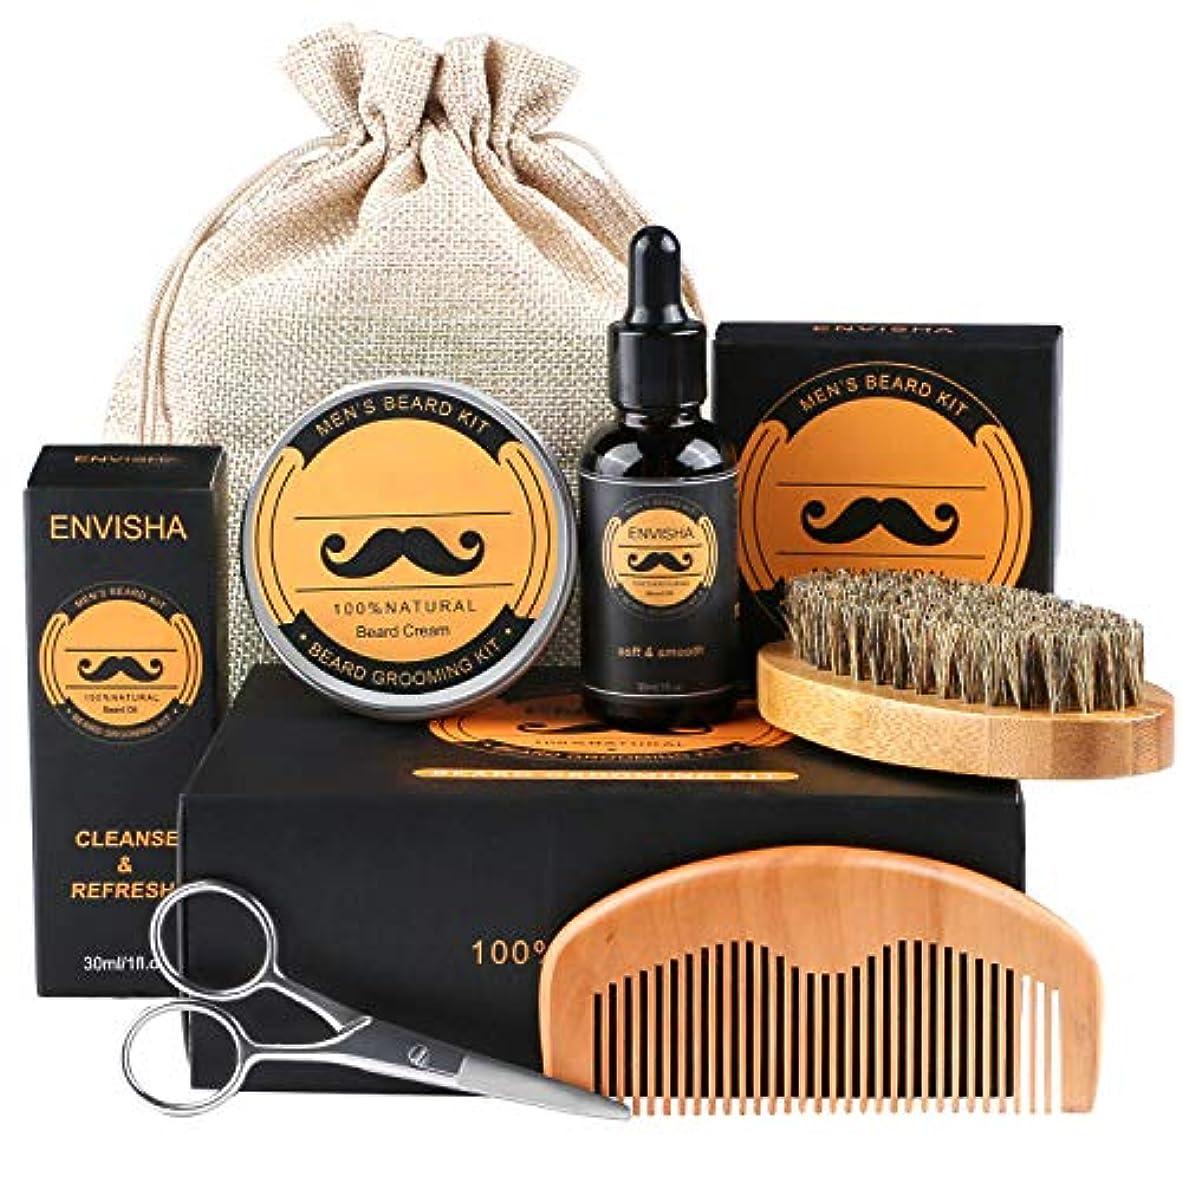 アッパー散文スチュアート島Beard Kit、Fixget Beard Care Kit(無料のひげの手入れとトリミングキット付き)100%のイノシシのひげのブラシ、木のひげの櫛、ひげ、男性のための口ひげのはさみお父さん夫